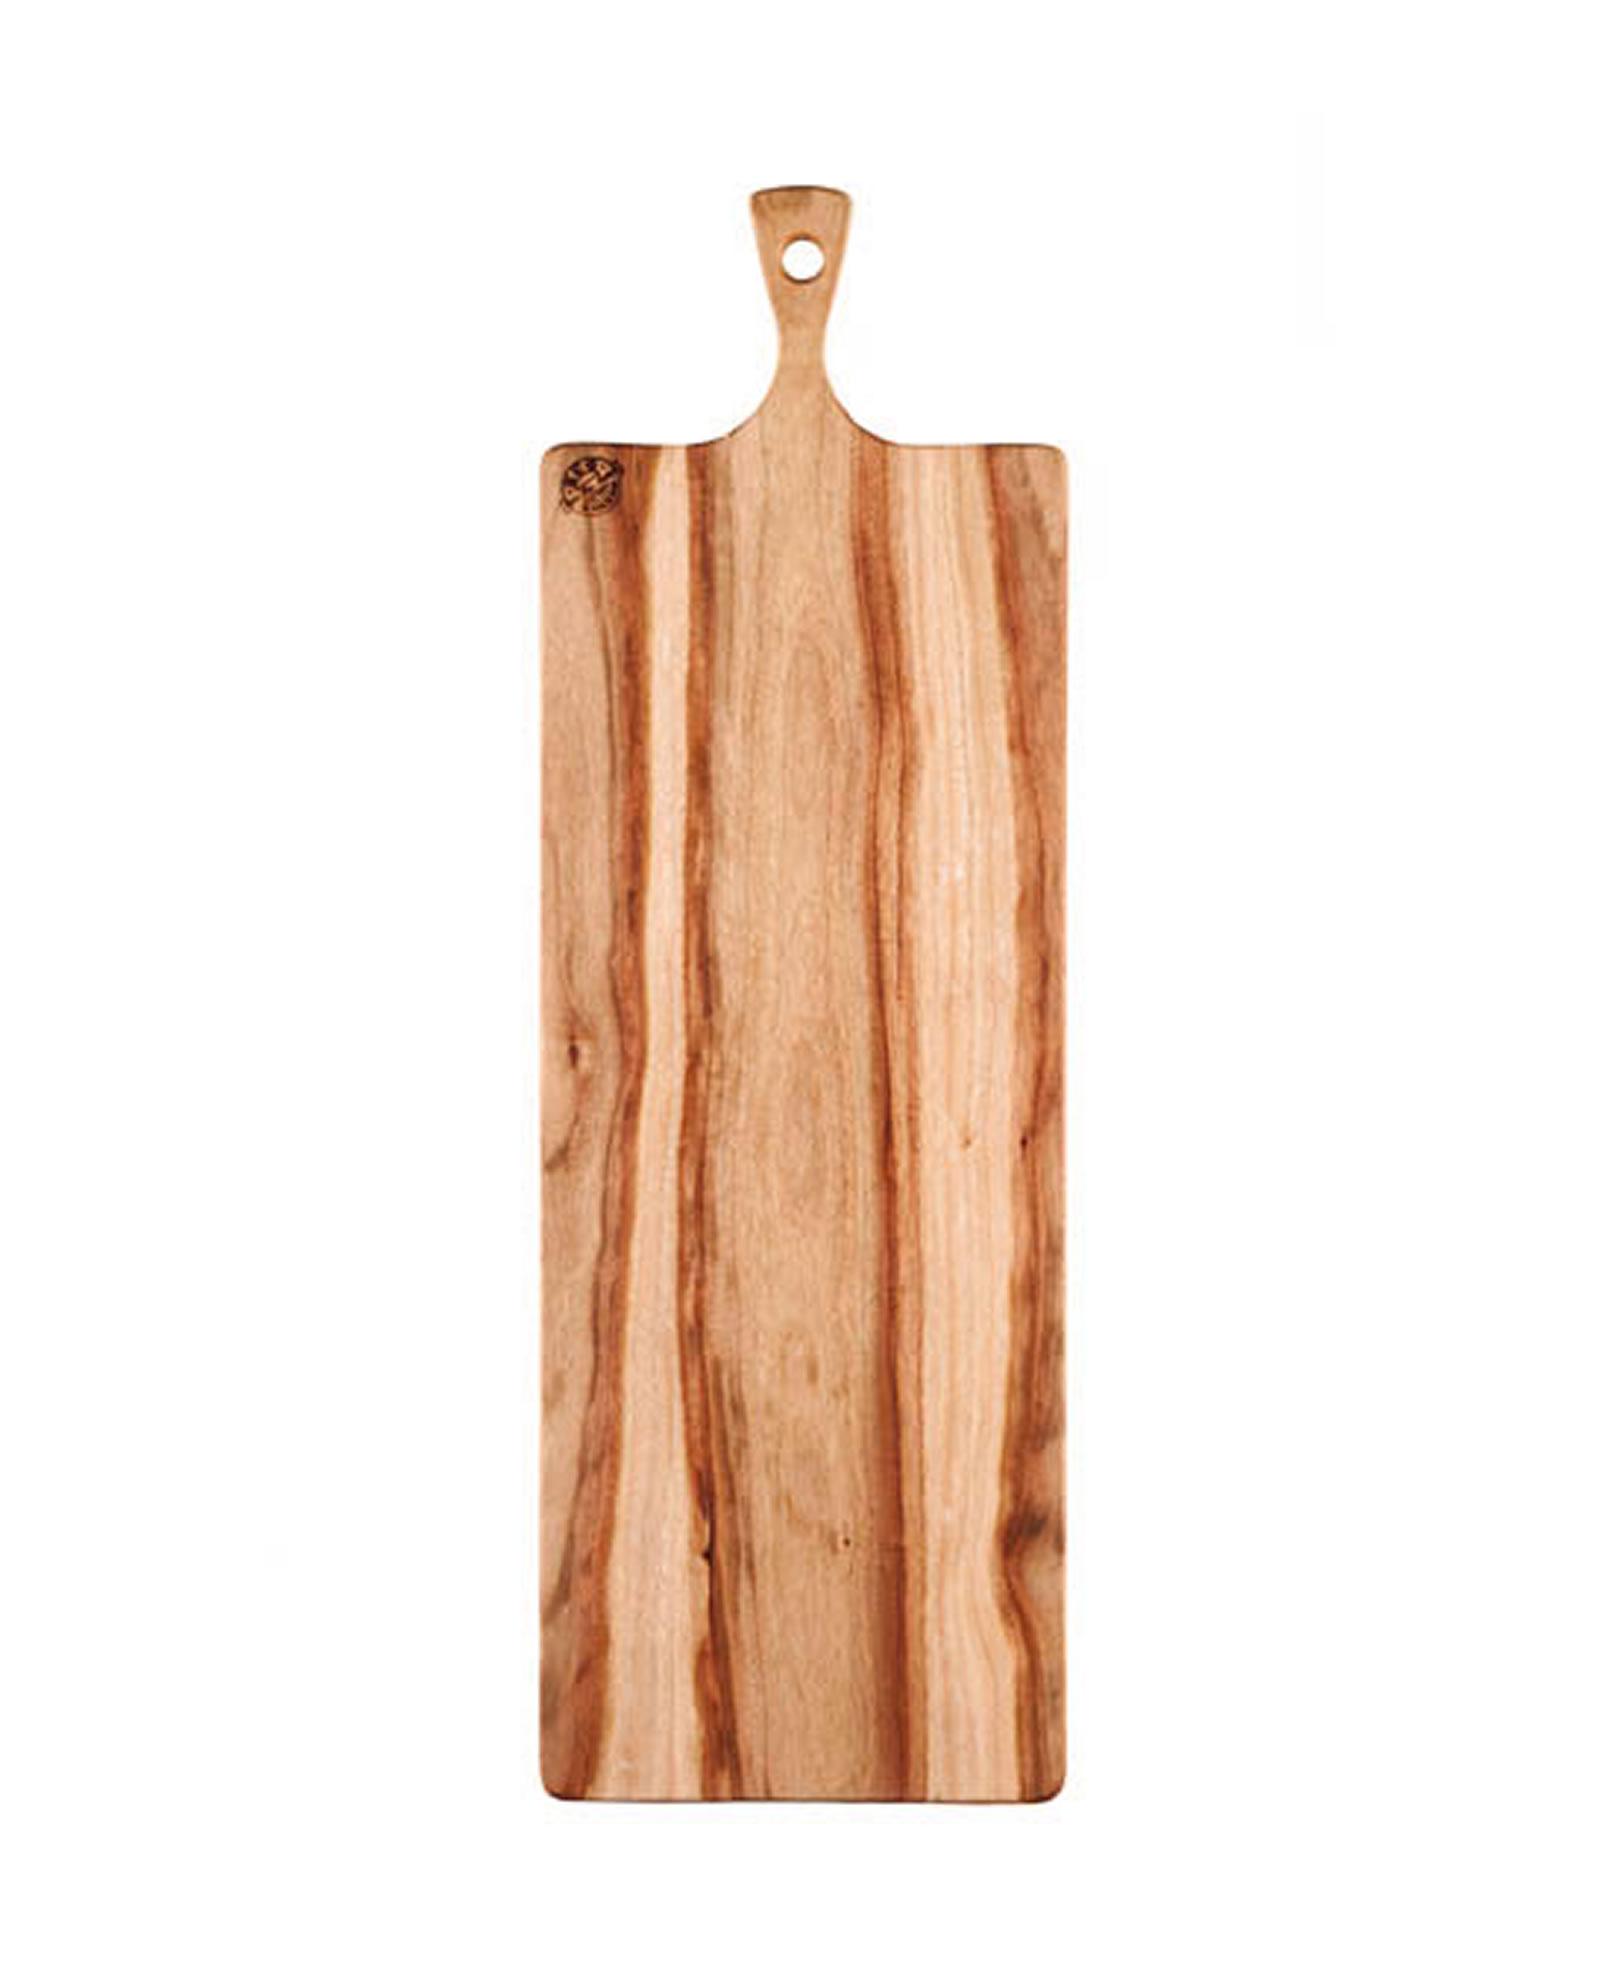 Teven Wooden Platter Board